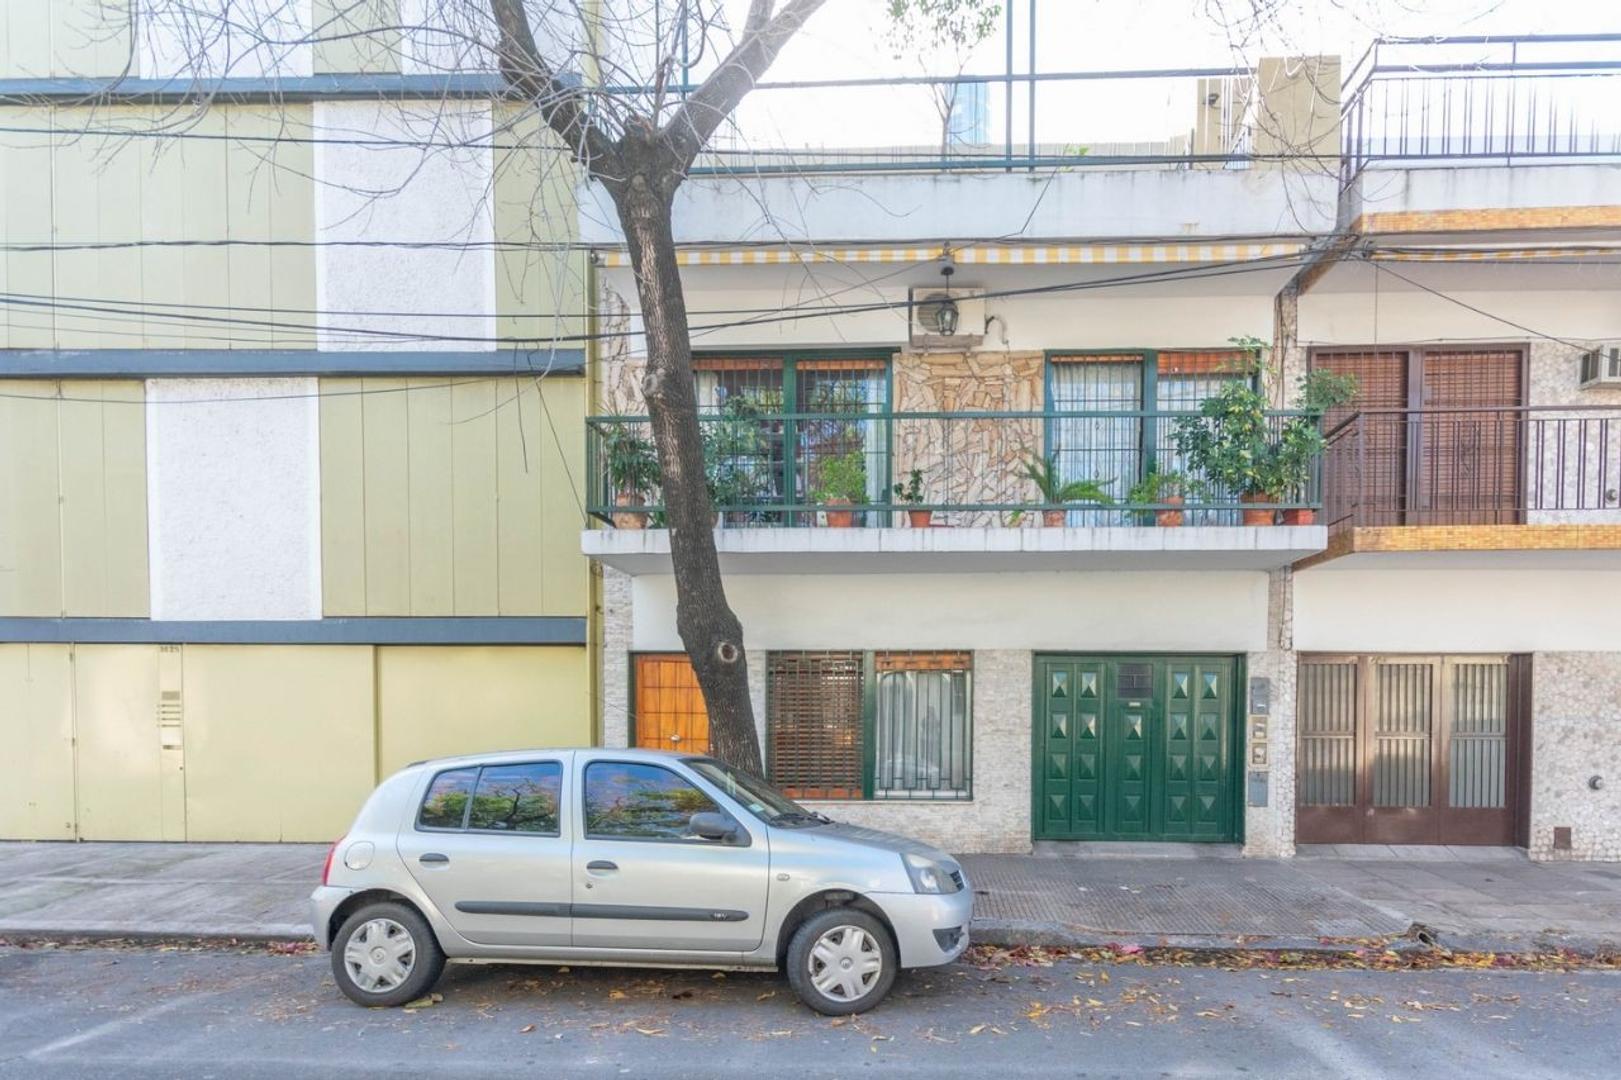 Casa  en Venta ubicado en Núñez, Capital Federal - NUN3162_LP172443_1